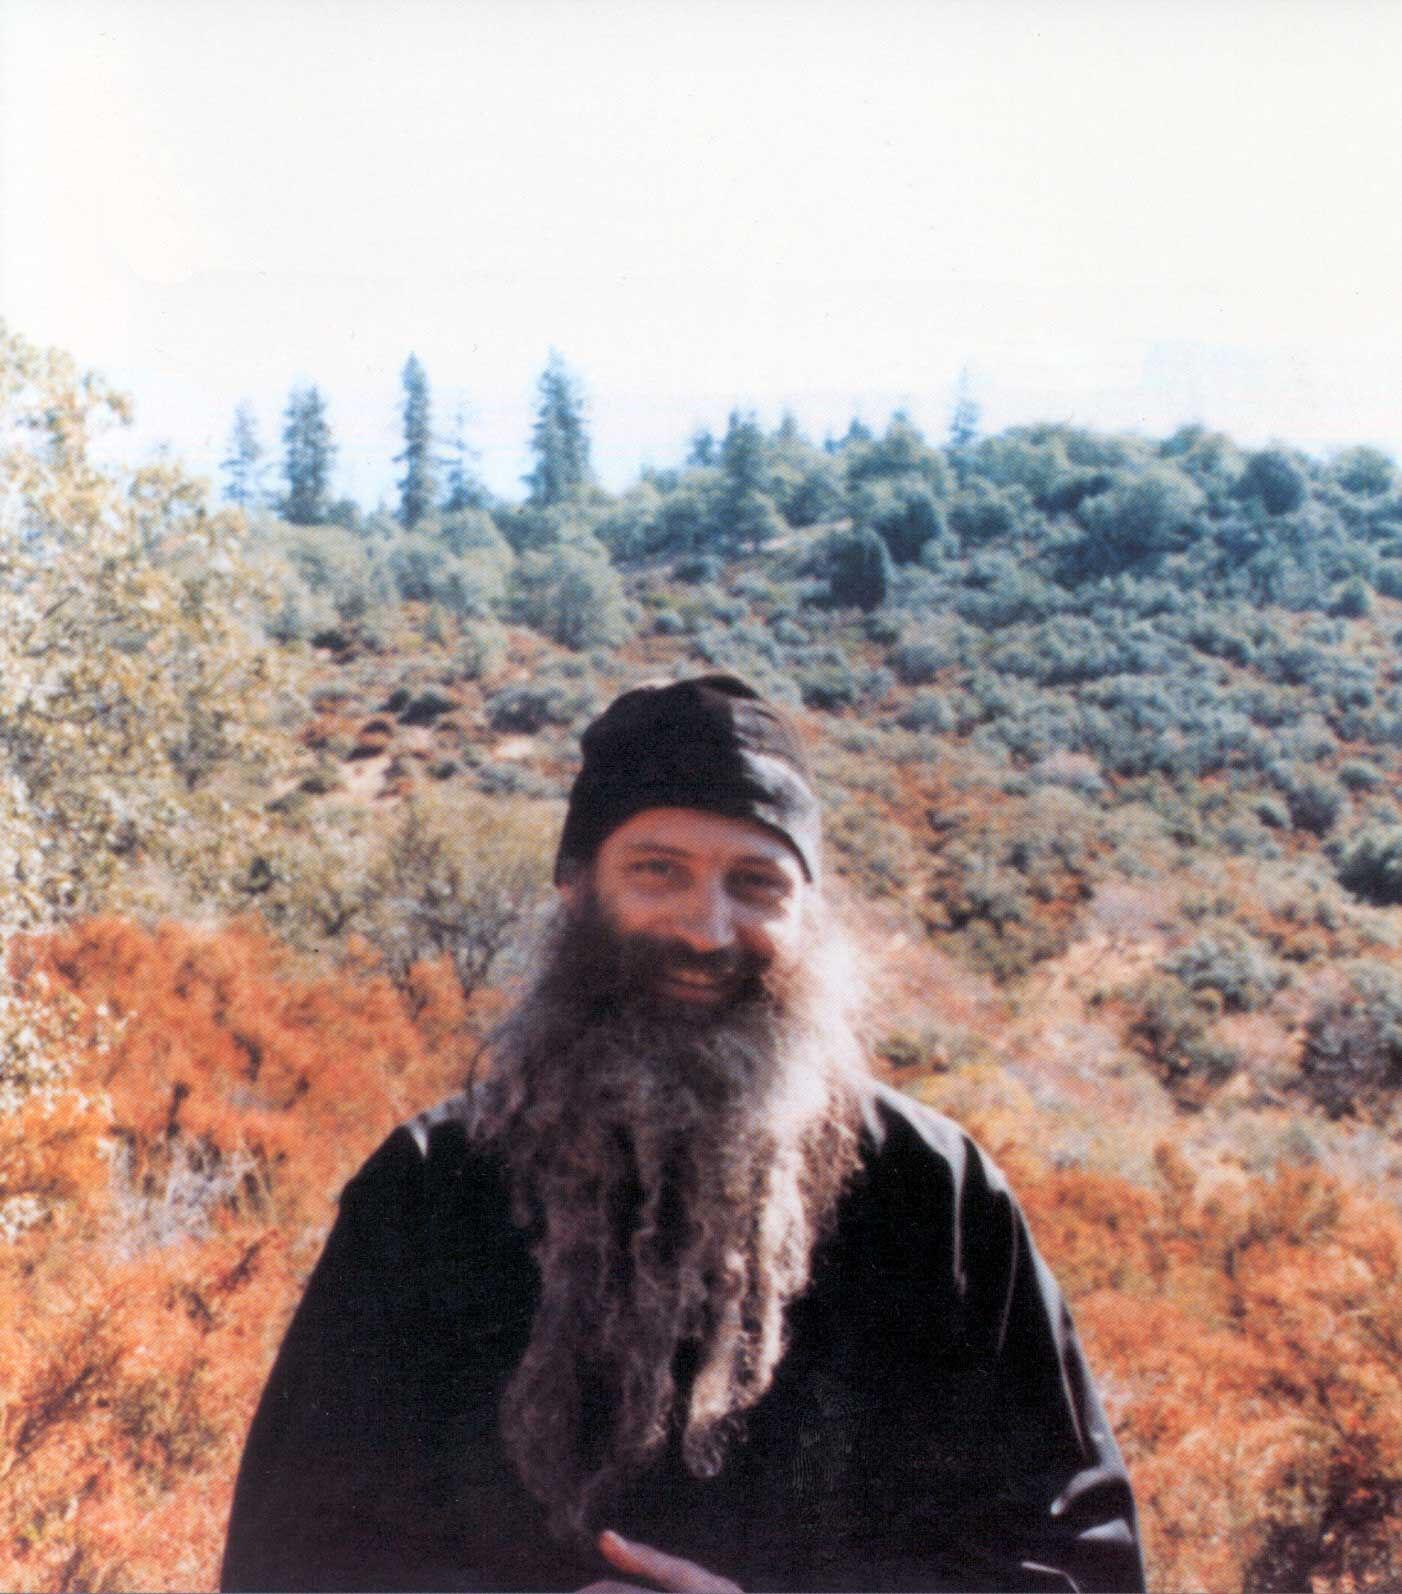 православие и религия будущего серафим роуз